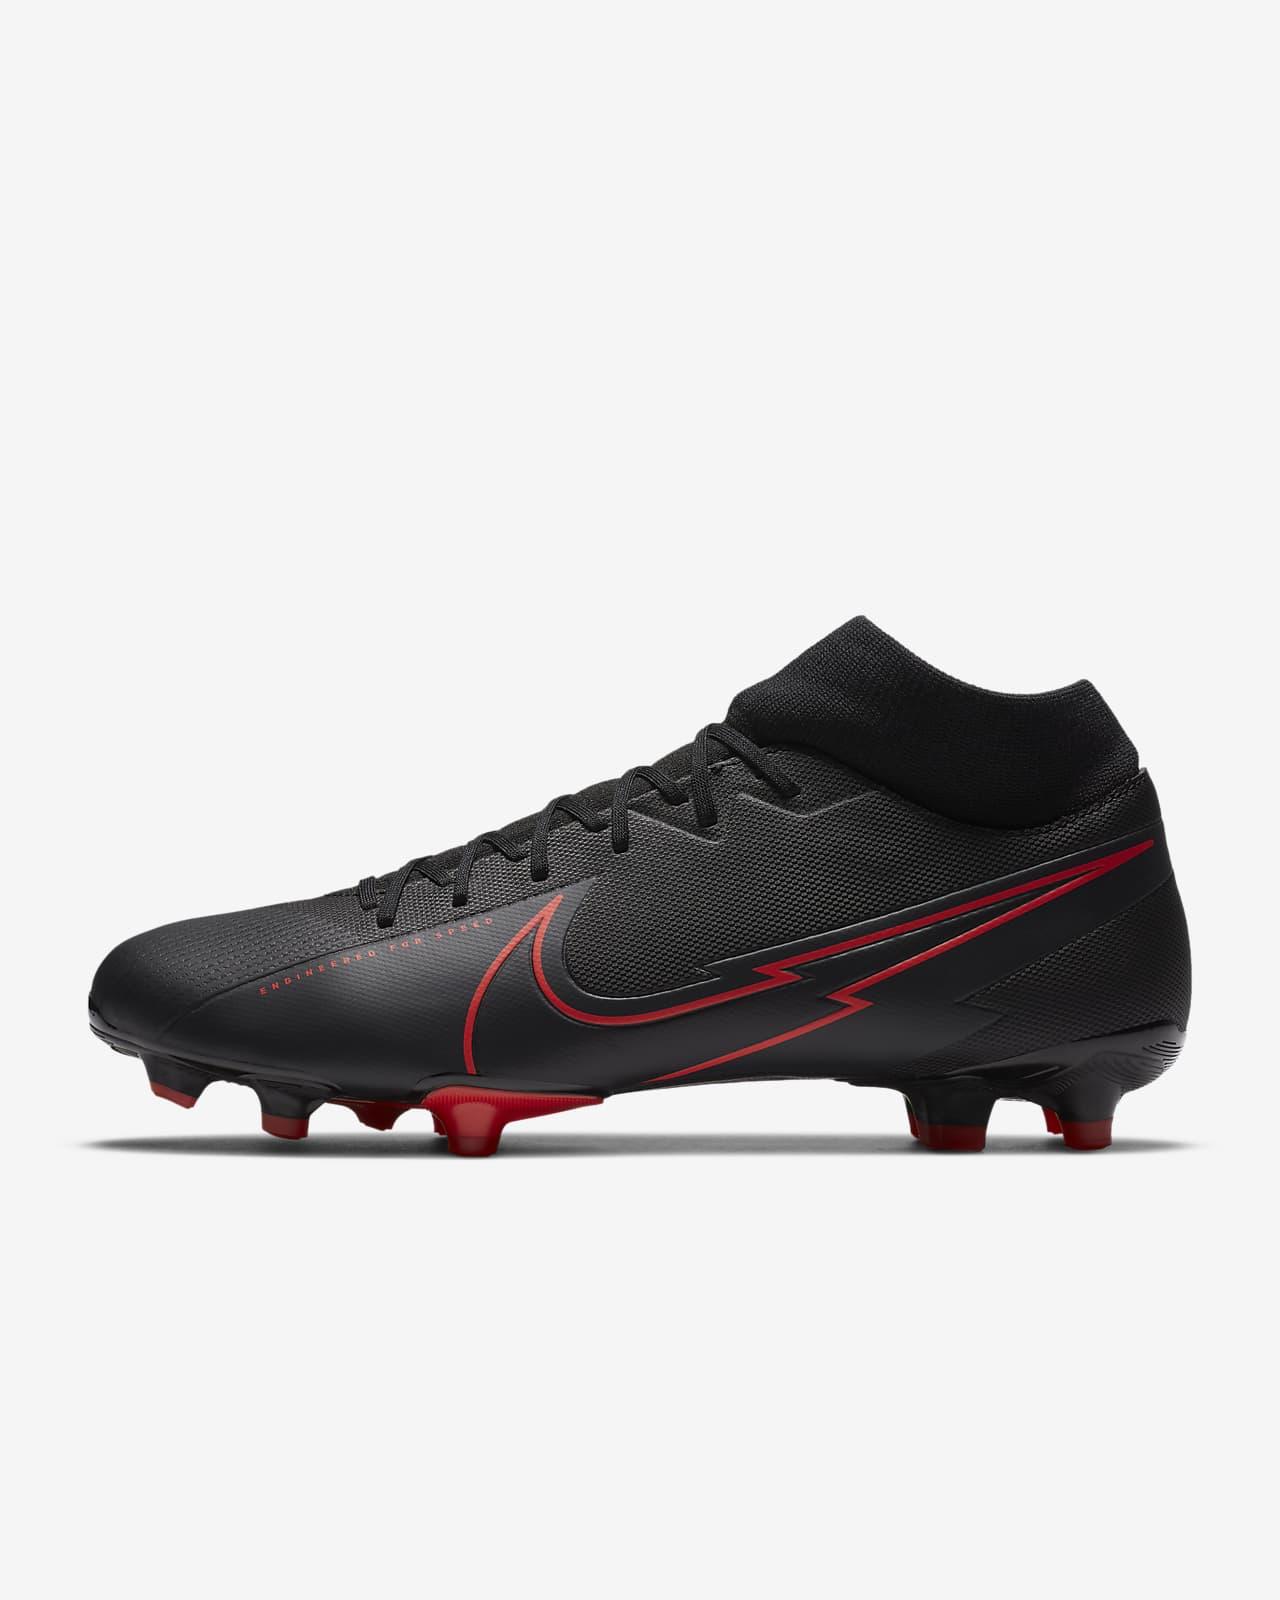 Nike Mercurial Superfly 7 Academy MG Fußballschuh für verschiedene Böden